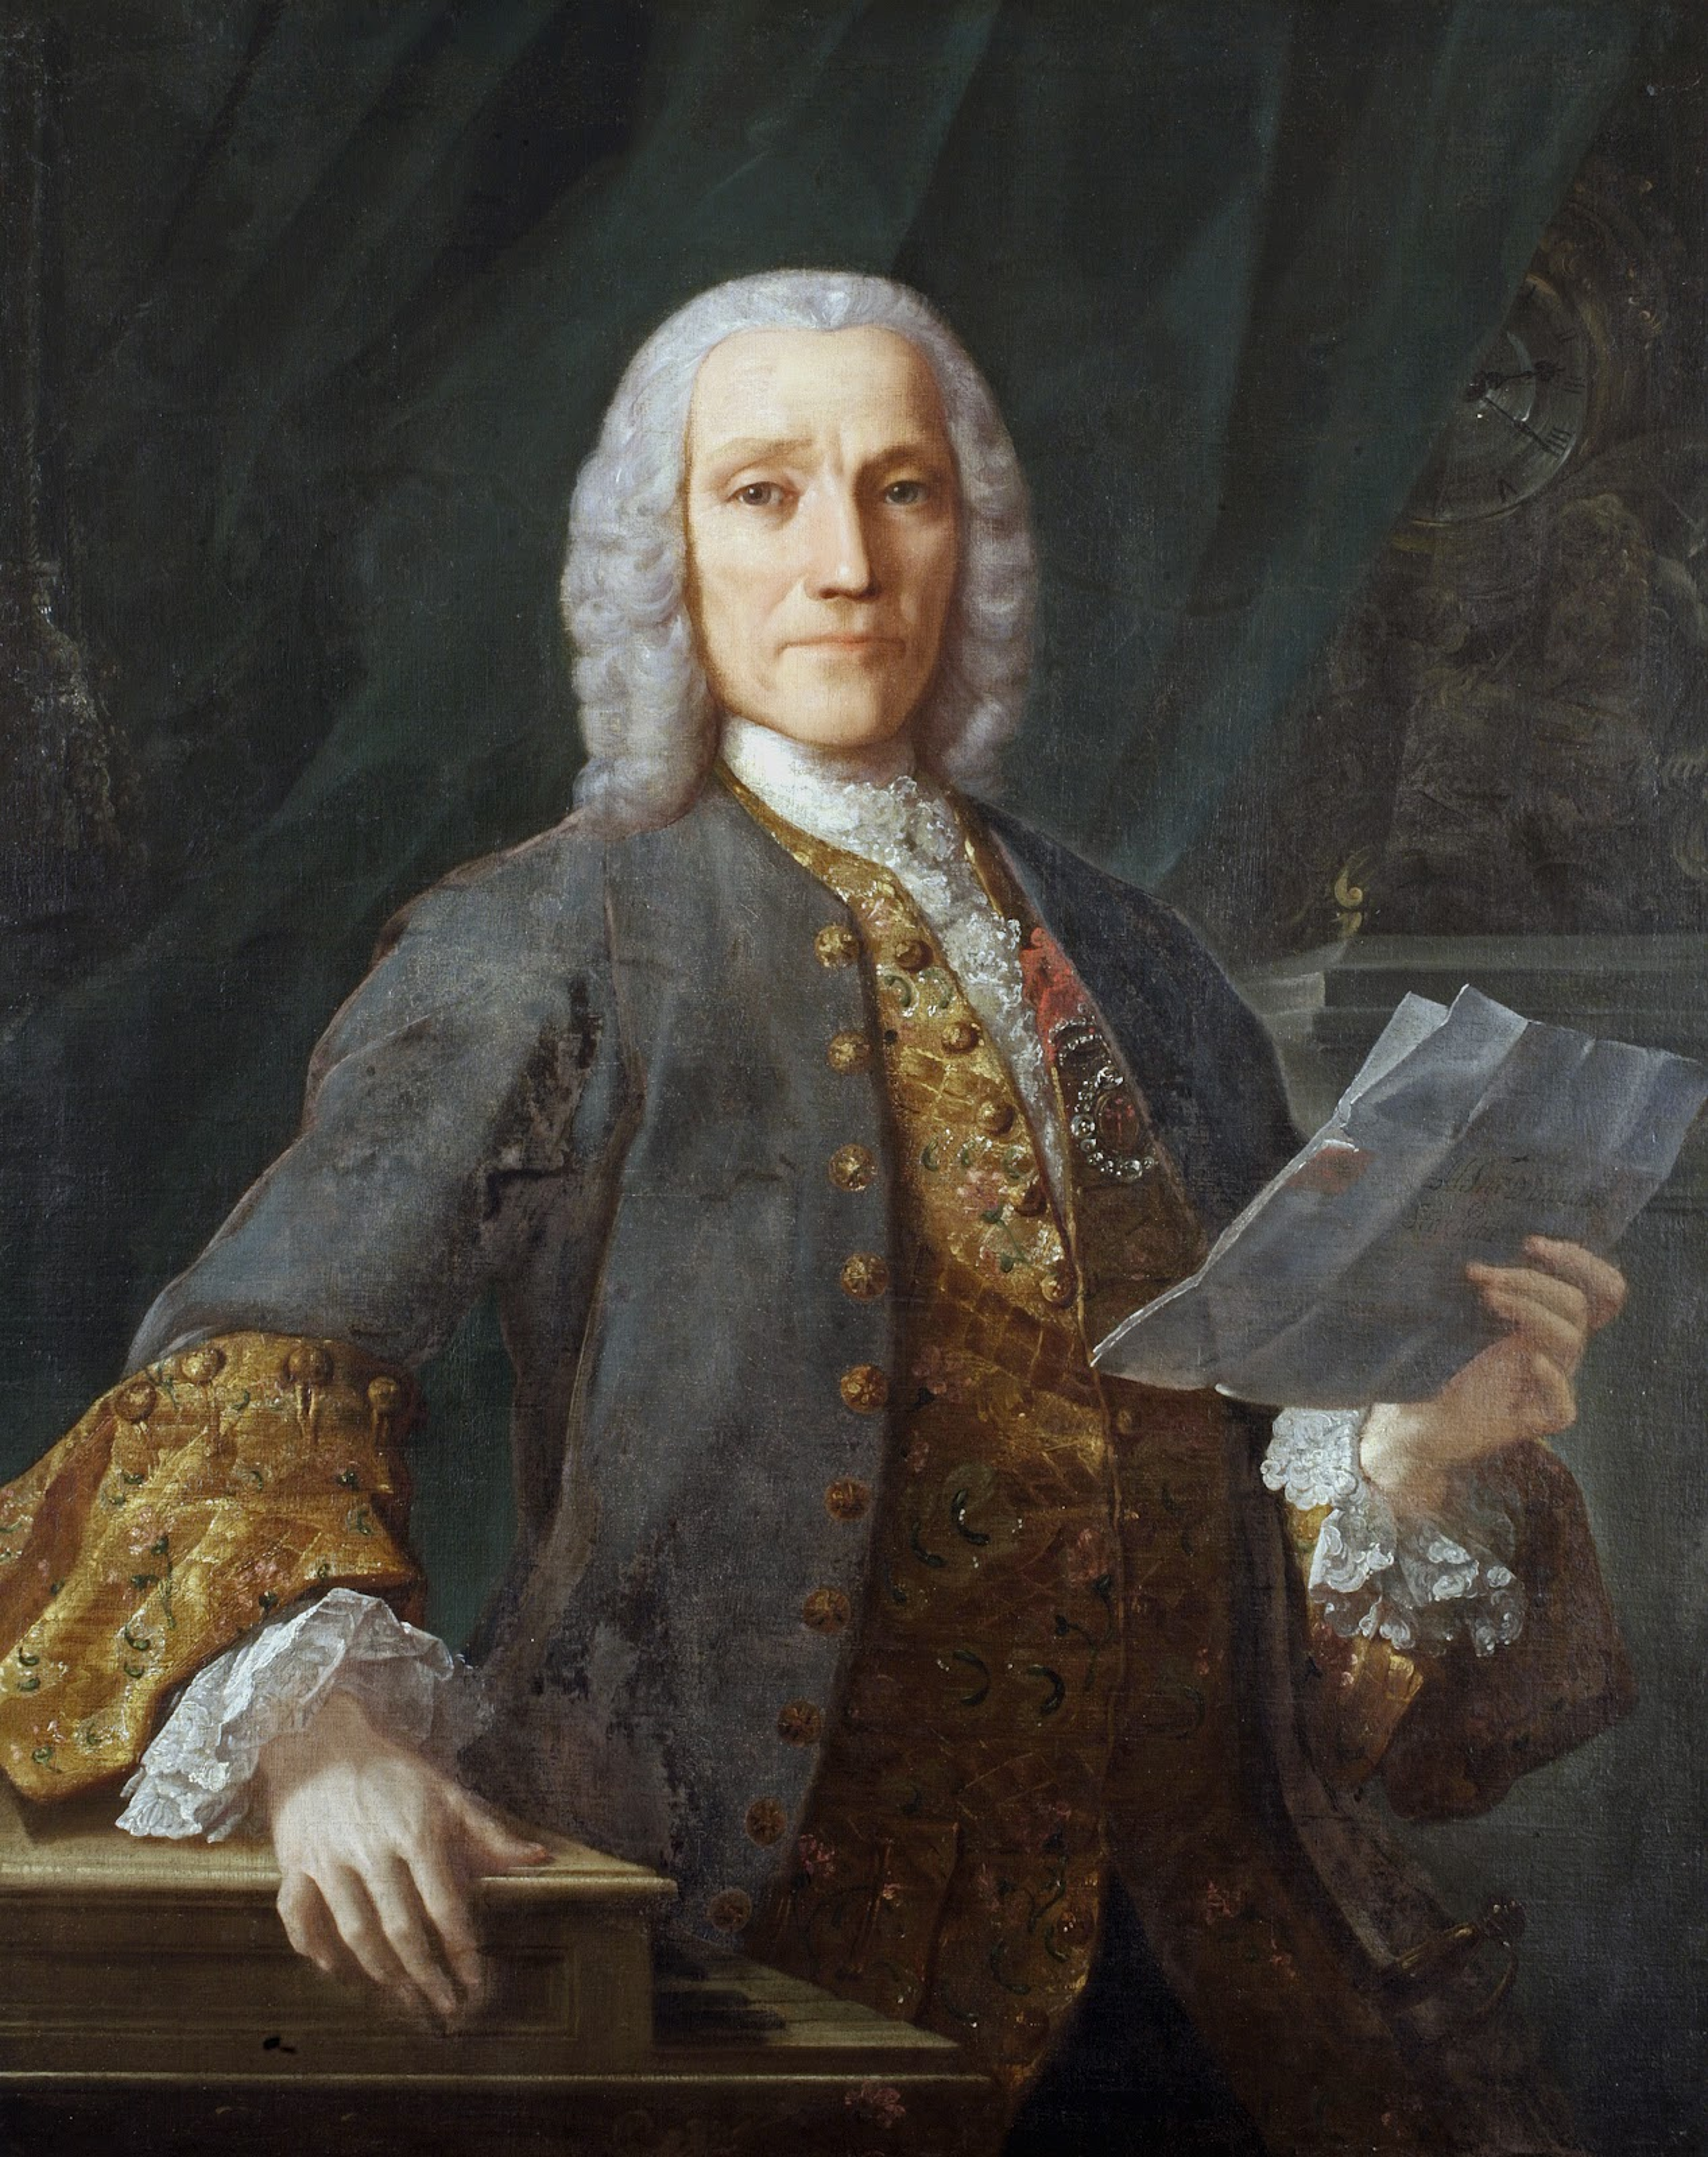 Depiction of Domenico Scarlatti